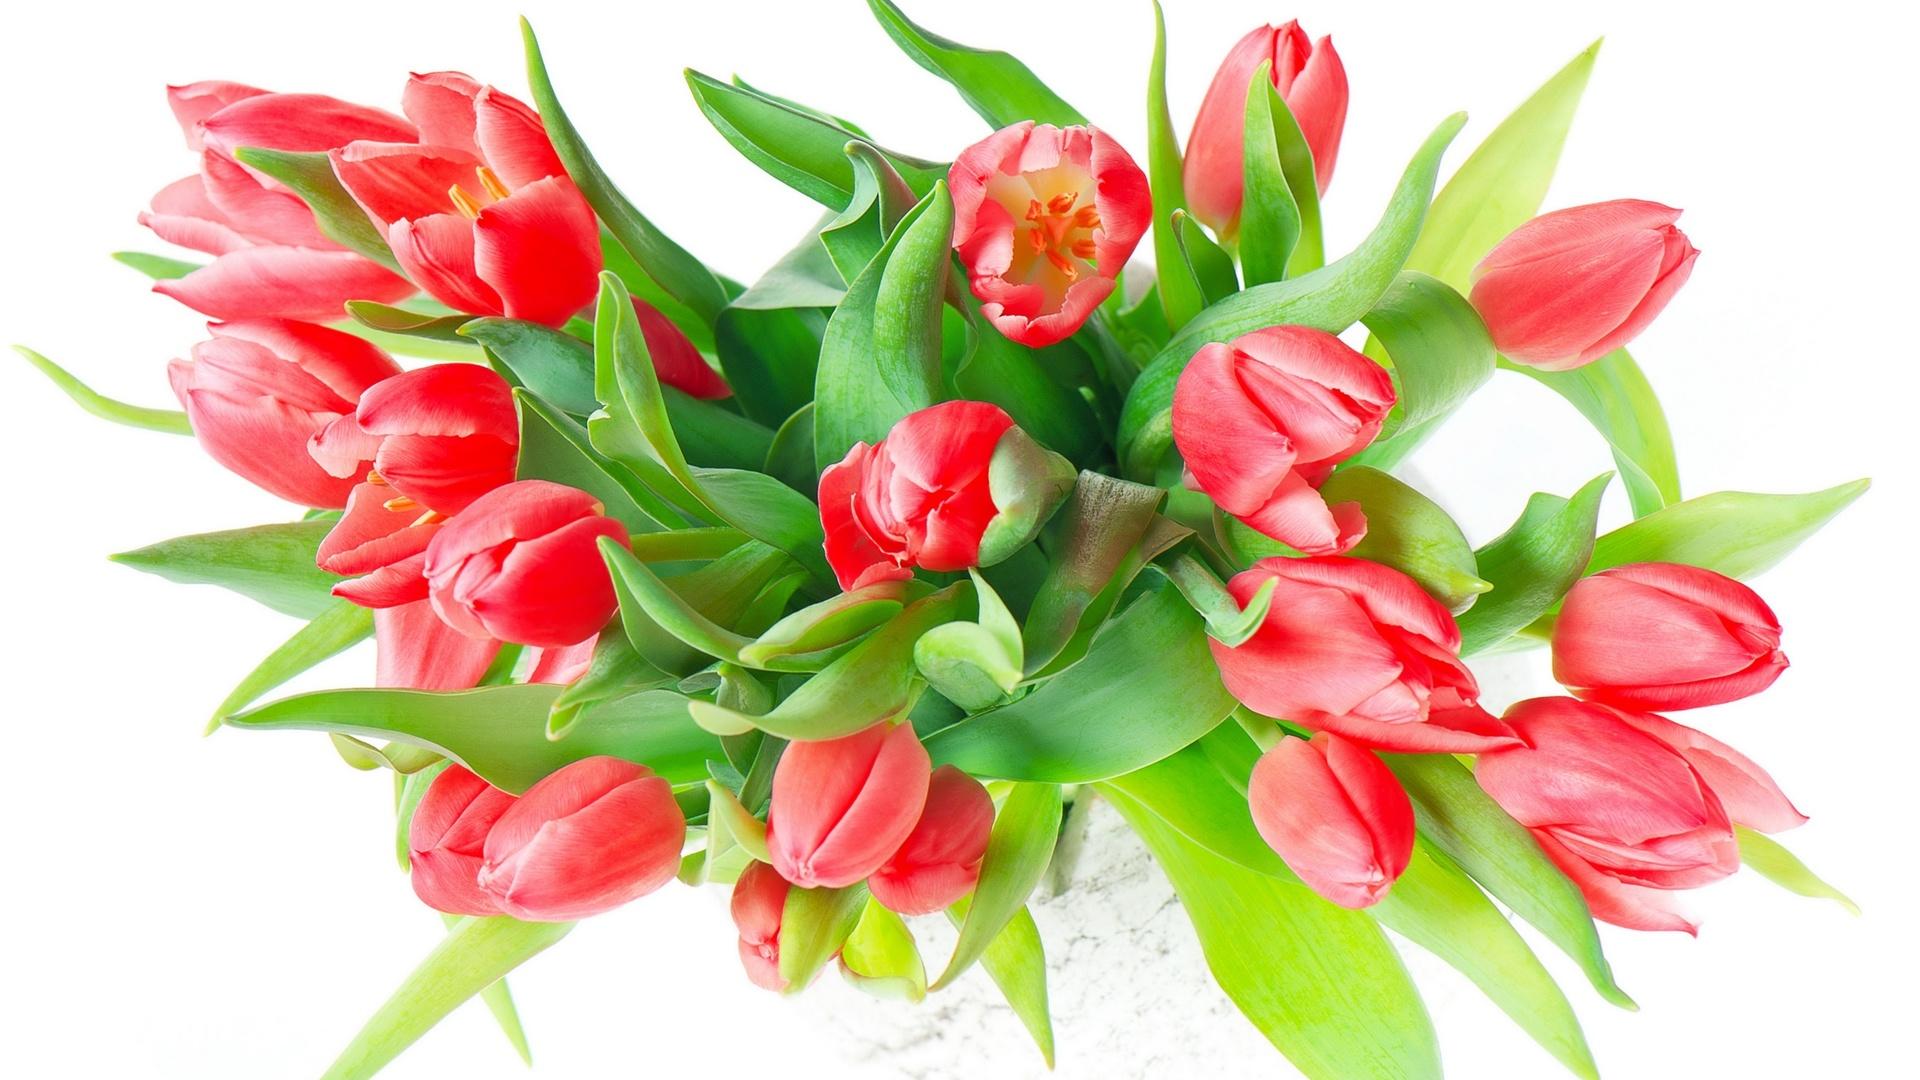 картинки цветов на 8 марта красивые на прозрачном фоне заведении одновременно может